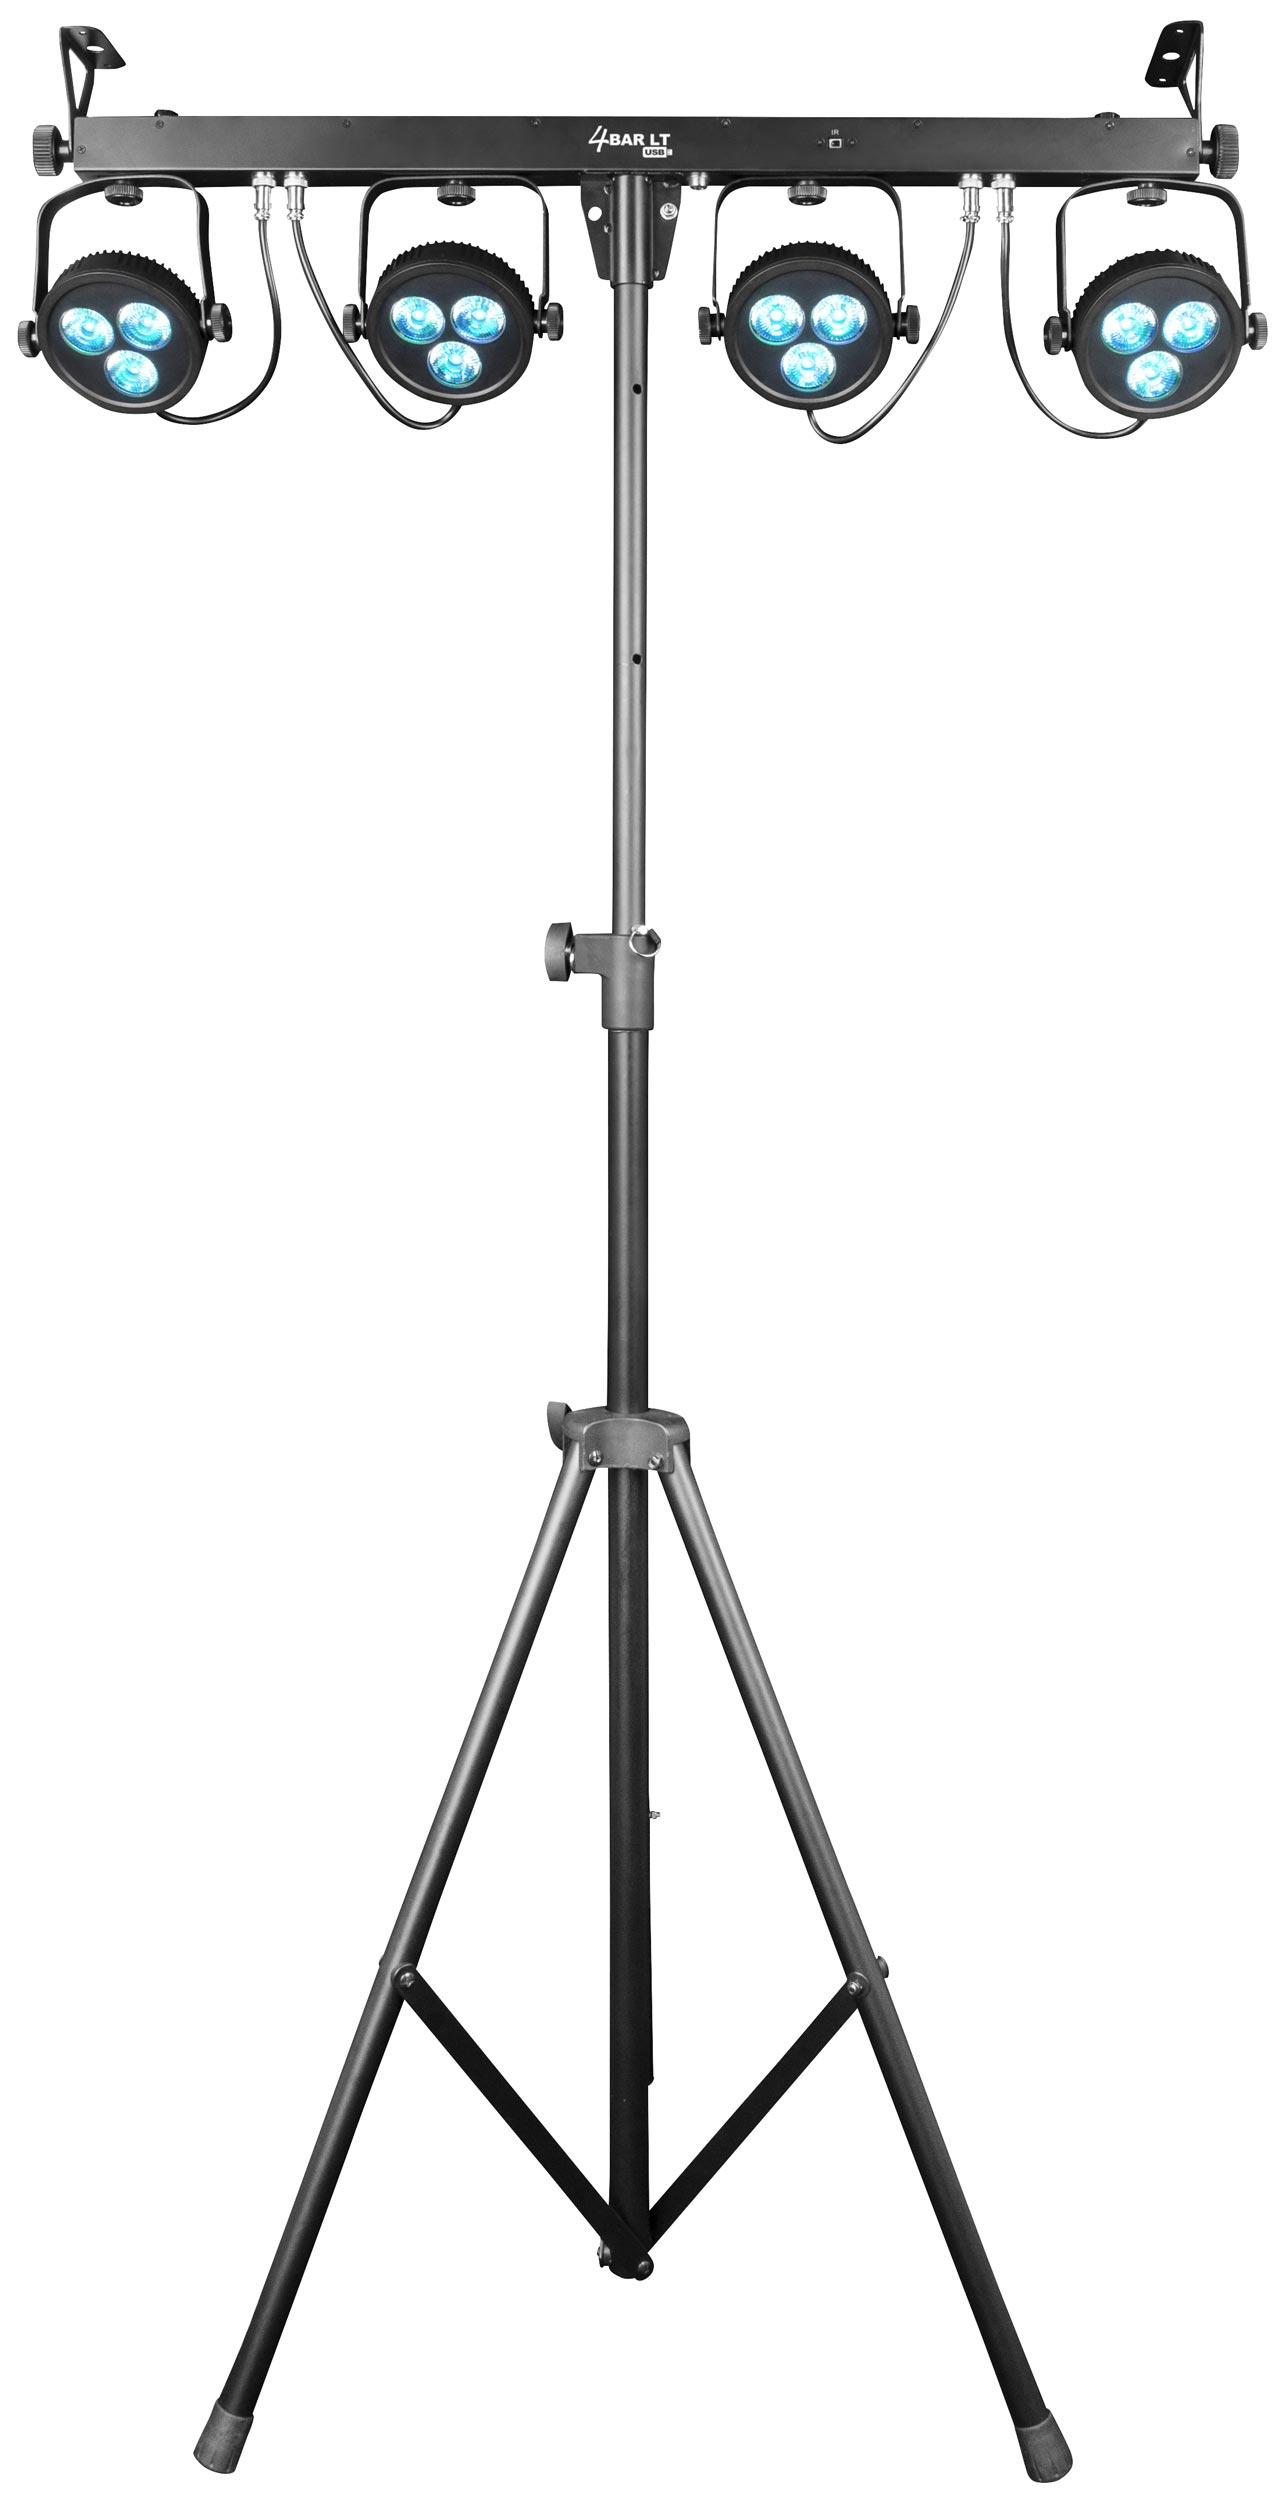 Chauvet Dj 4bar Lt Usb Complete Wash Light System Agiprodj